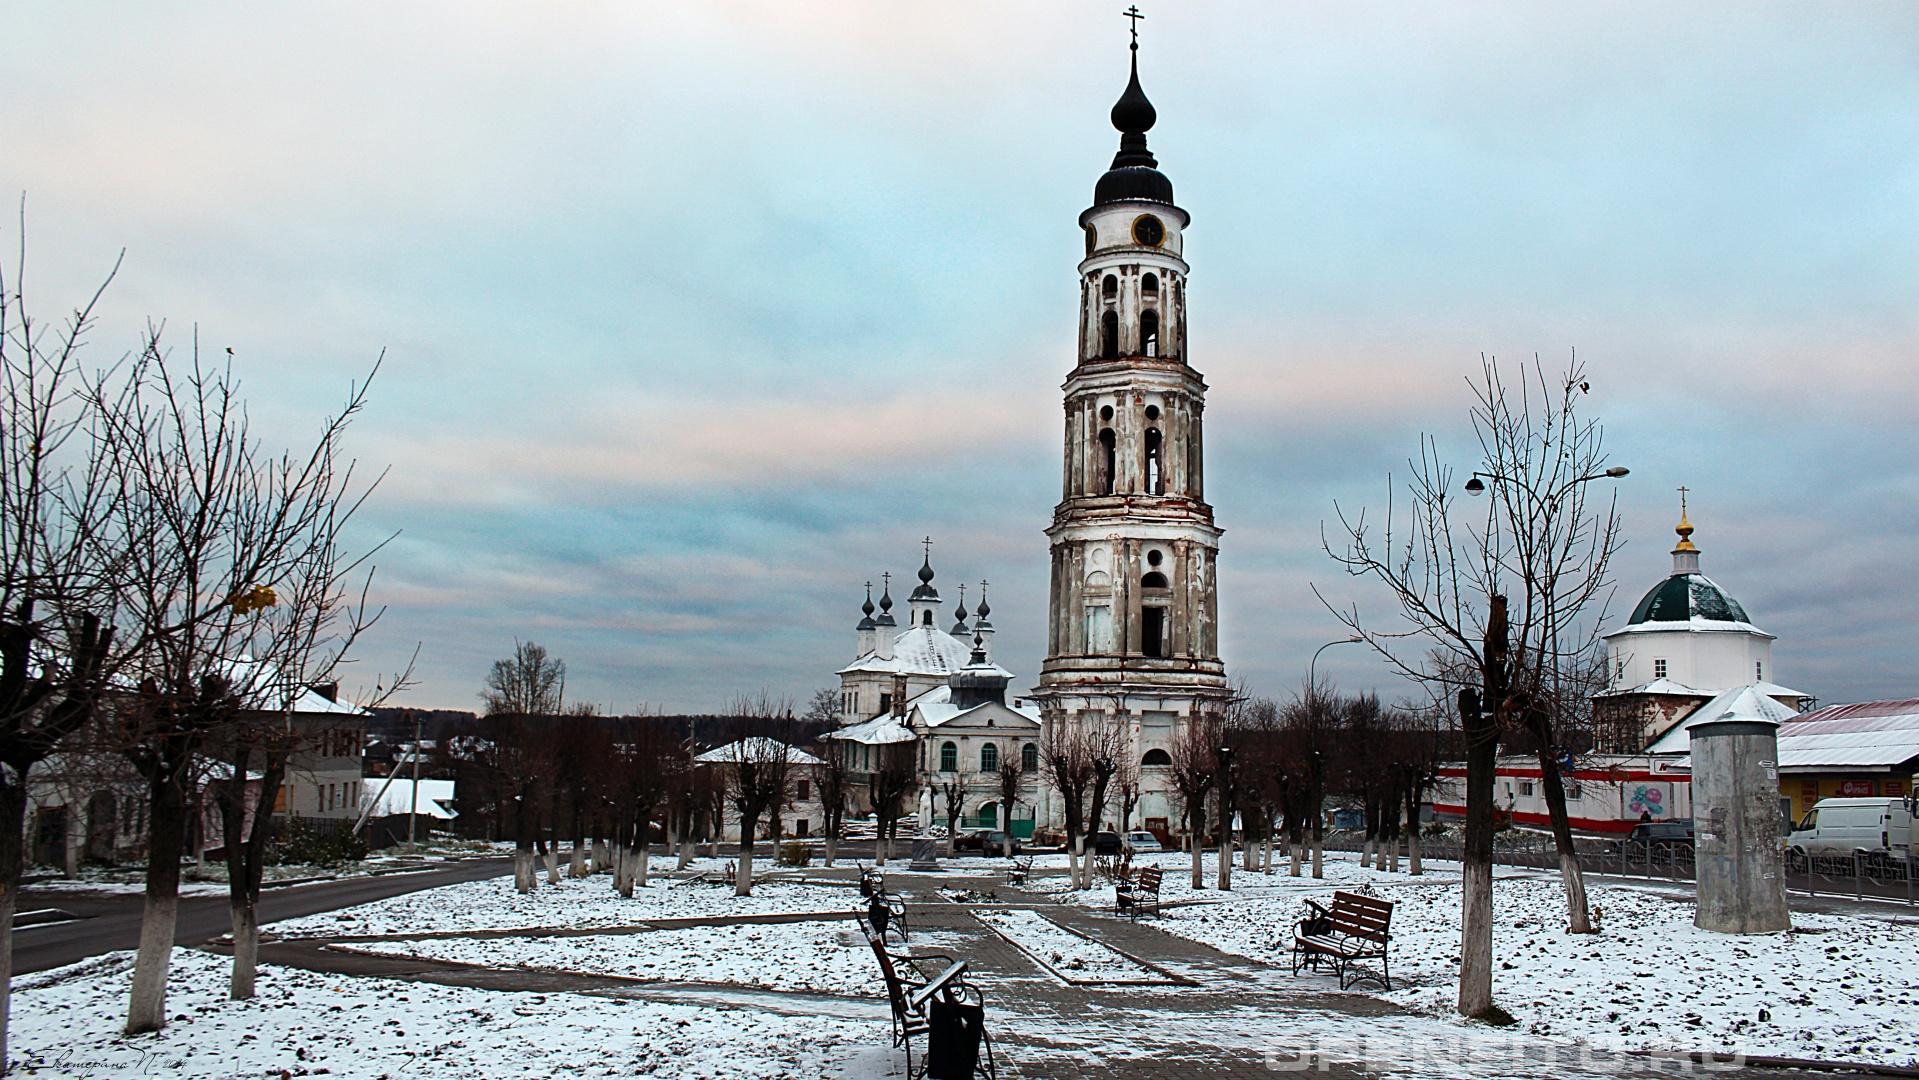 Церковь Троицы Живоначальной Ивановская область, Лежневский район, п. Лежнево